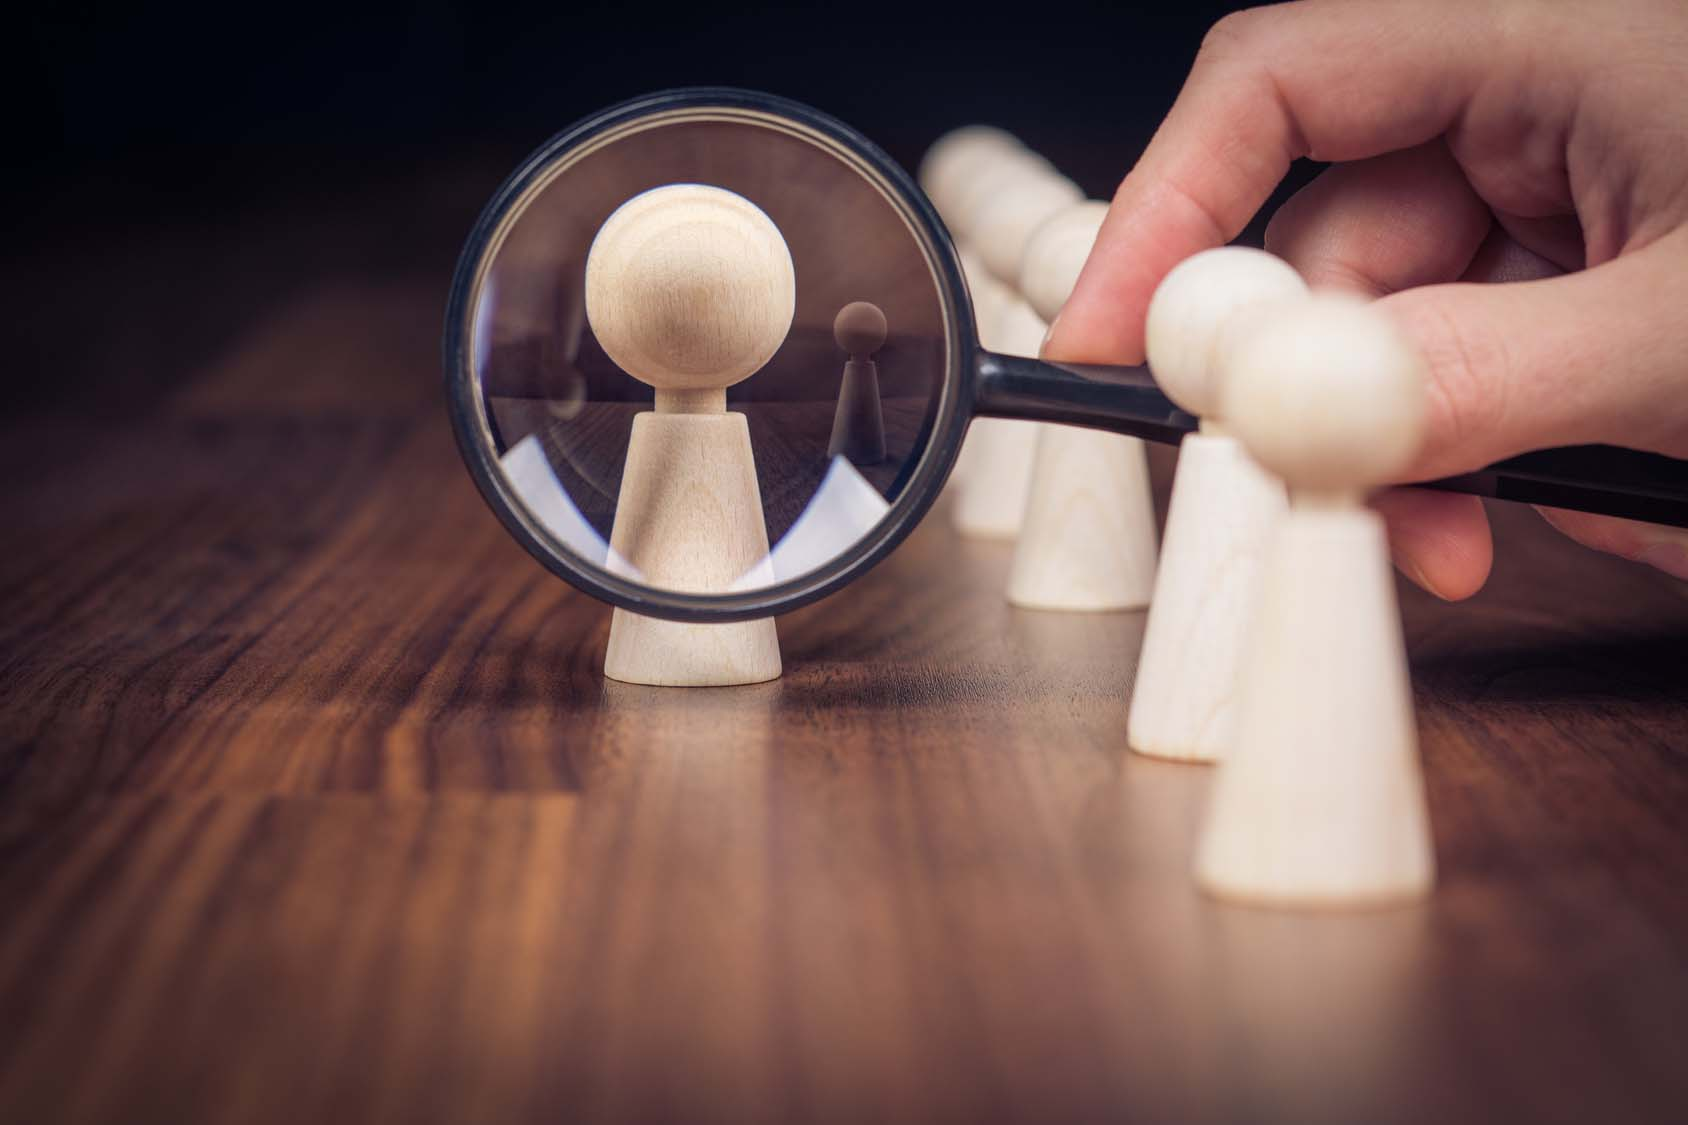 Vorstand erweitern: So umgehen Sie die typischen Satzungsfallen